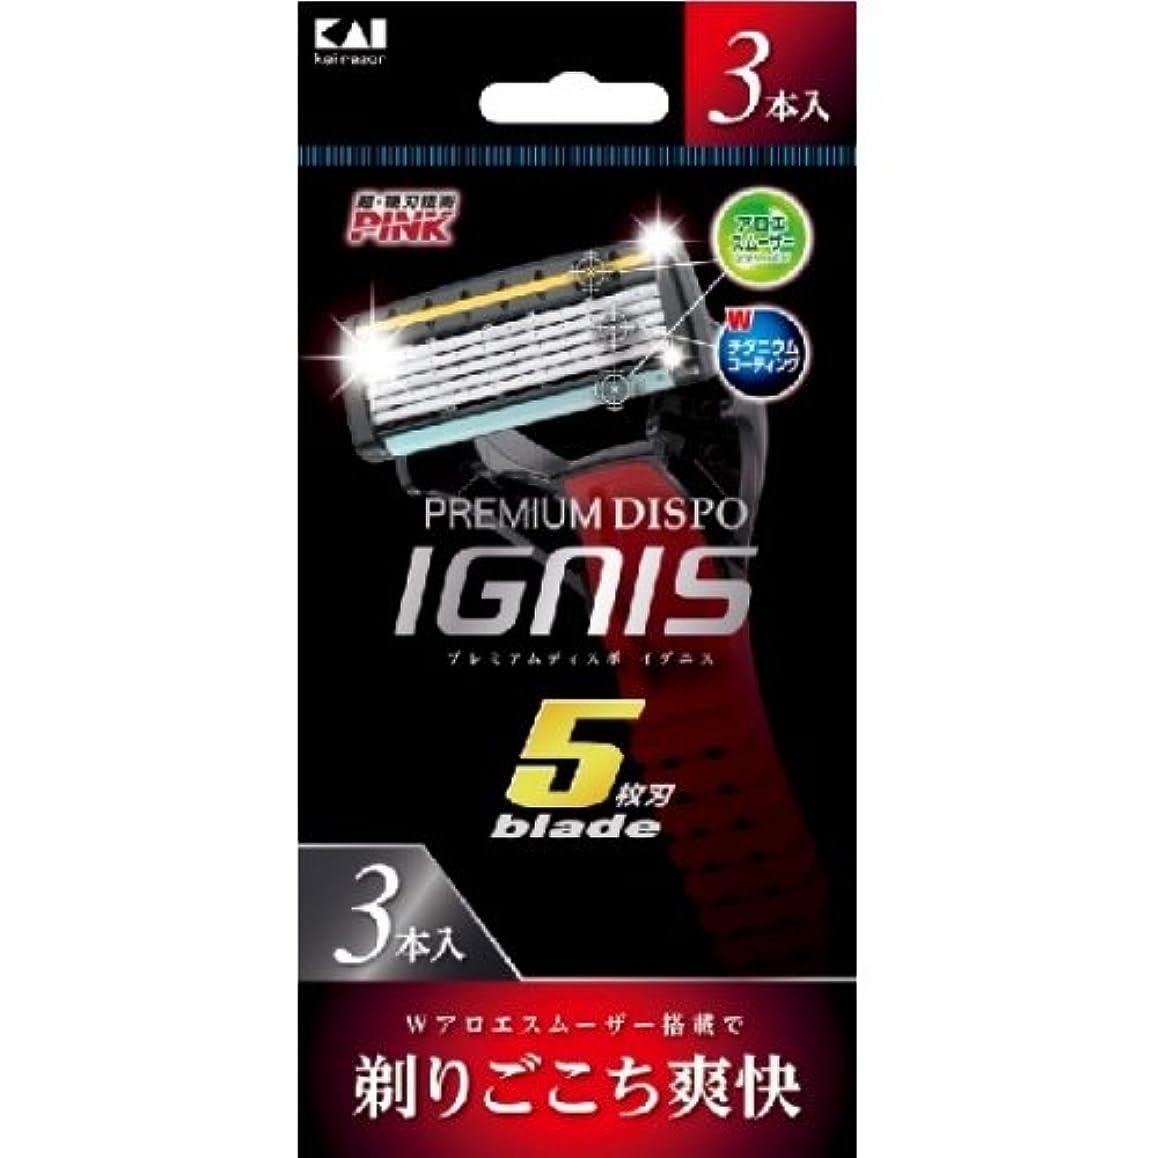 見つけたエンディングアーサーPREMIUM DISPO IGNIS(プレミアム ディスポ イグニス)5枚刃 使い捨てカミソリ 3本入